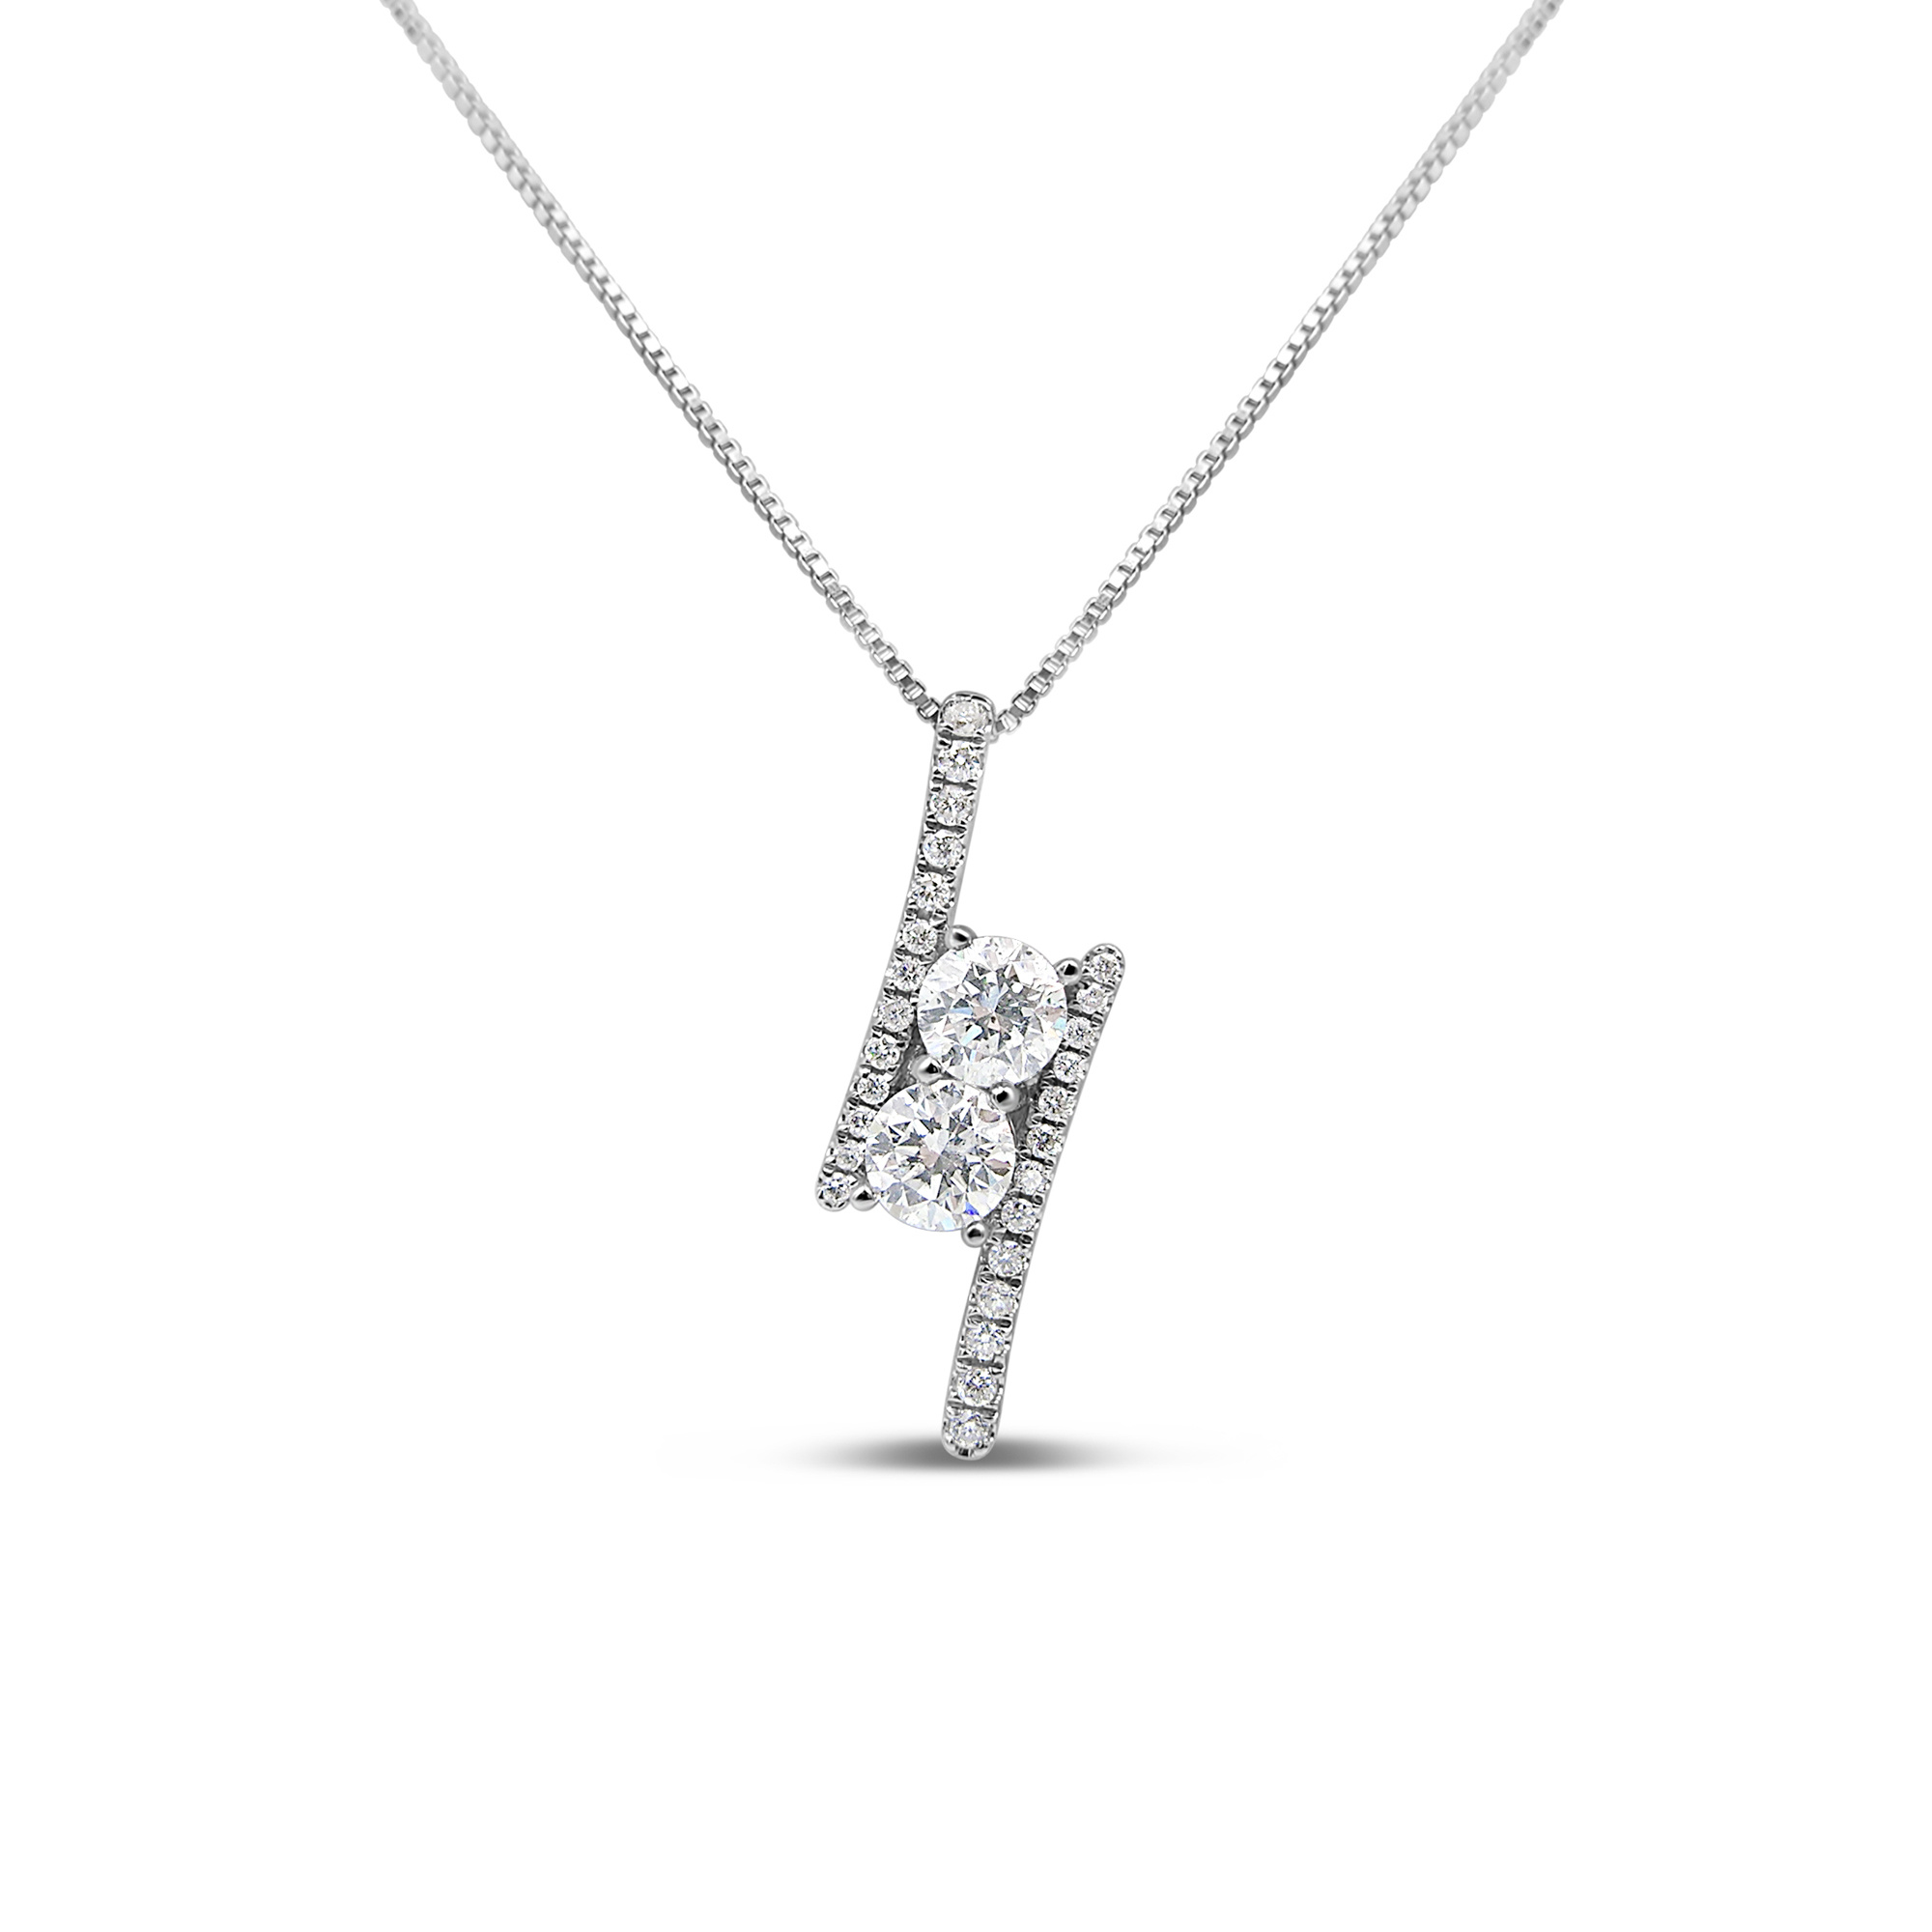 18kt wit goud hanger met 0.60 ct diamanten